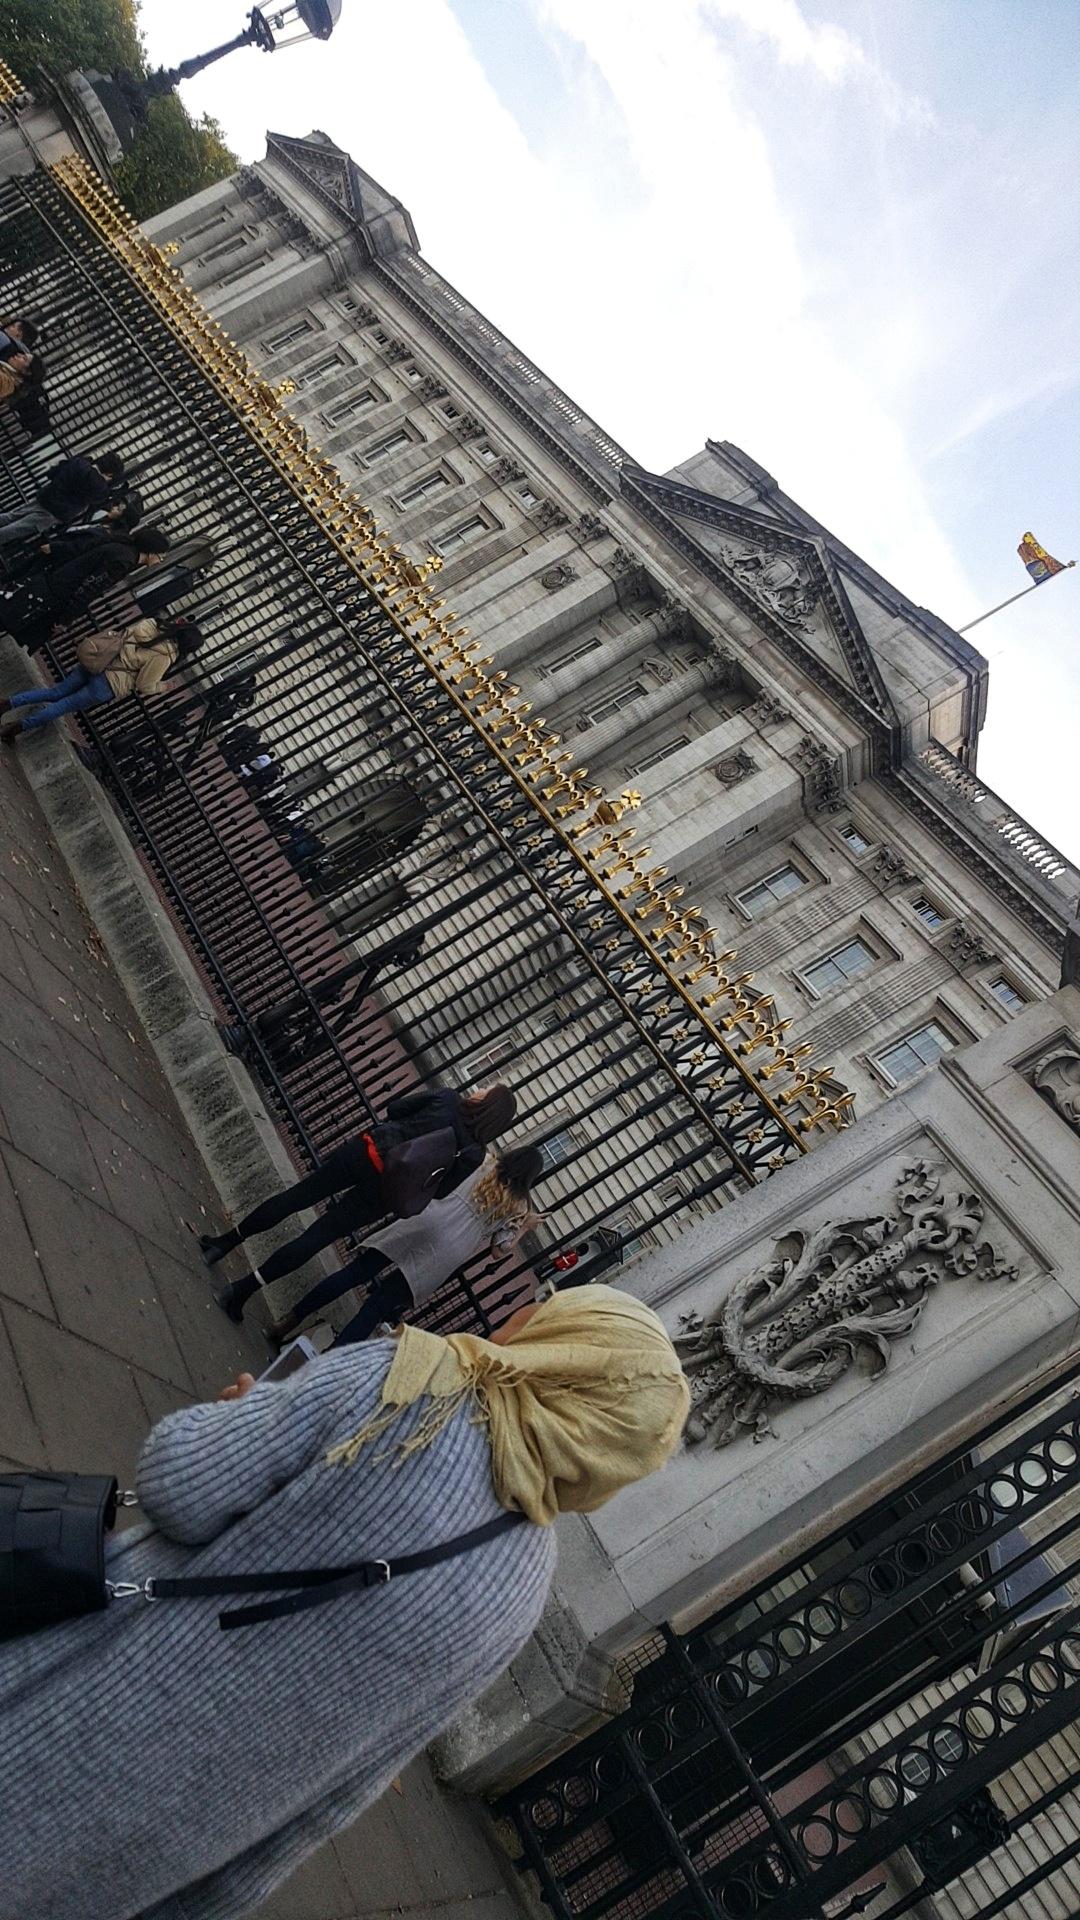 A Proper Tourist in London